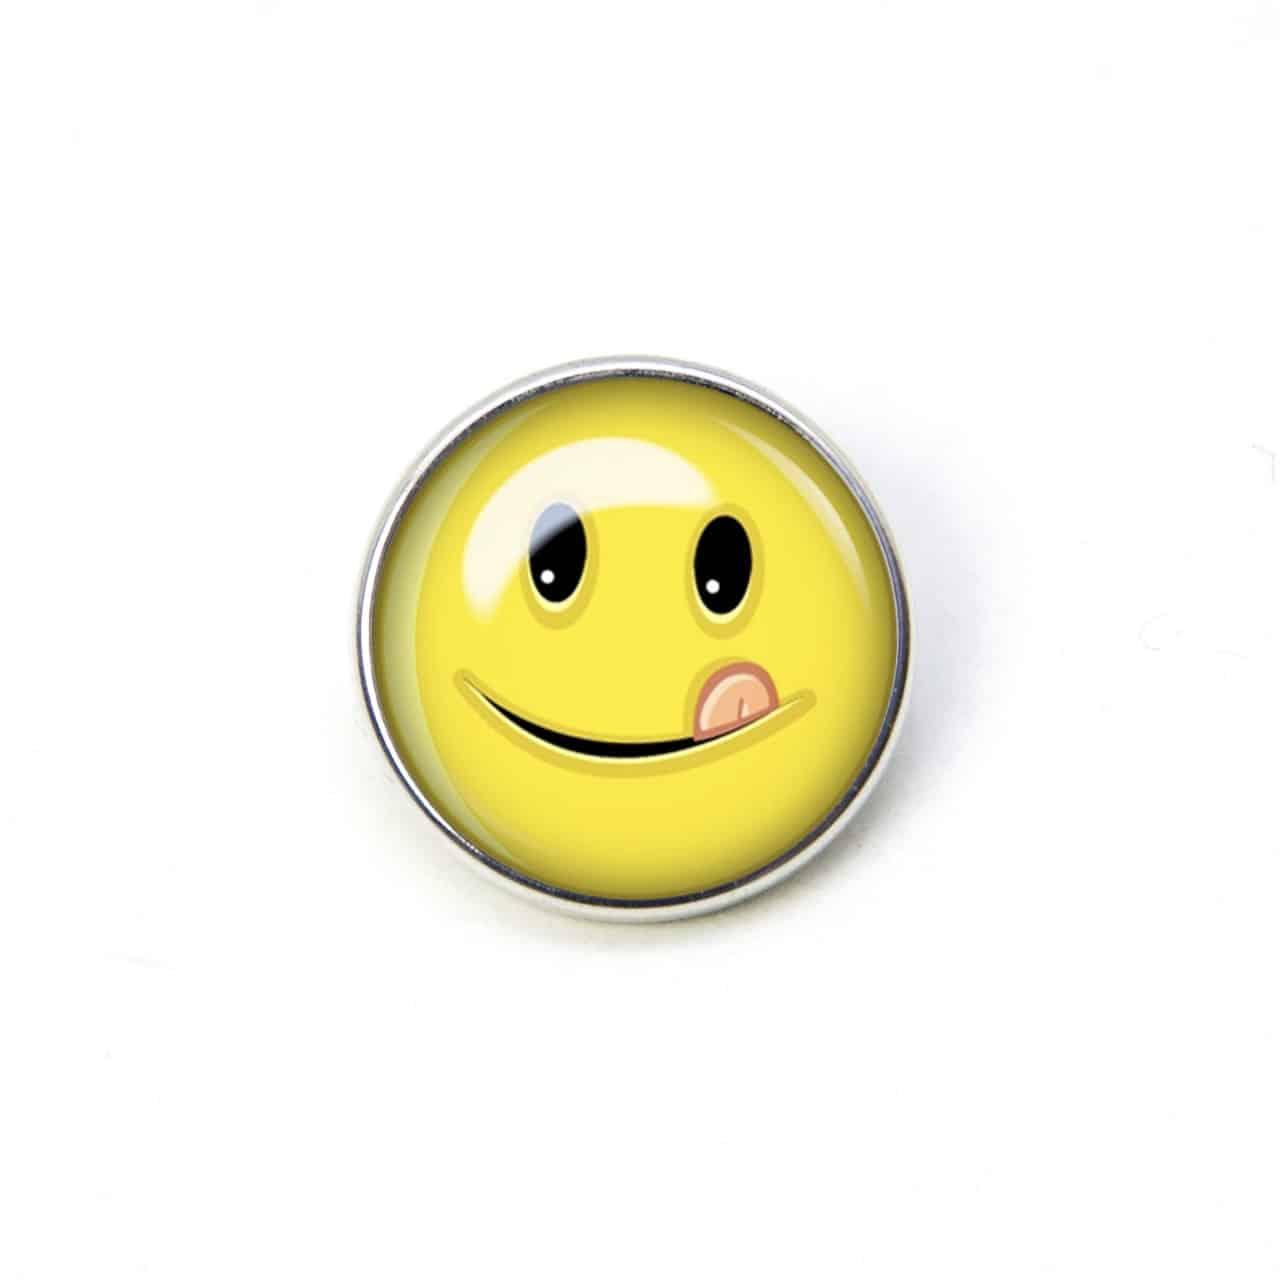 Zunge Zeigender Smiley